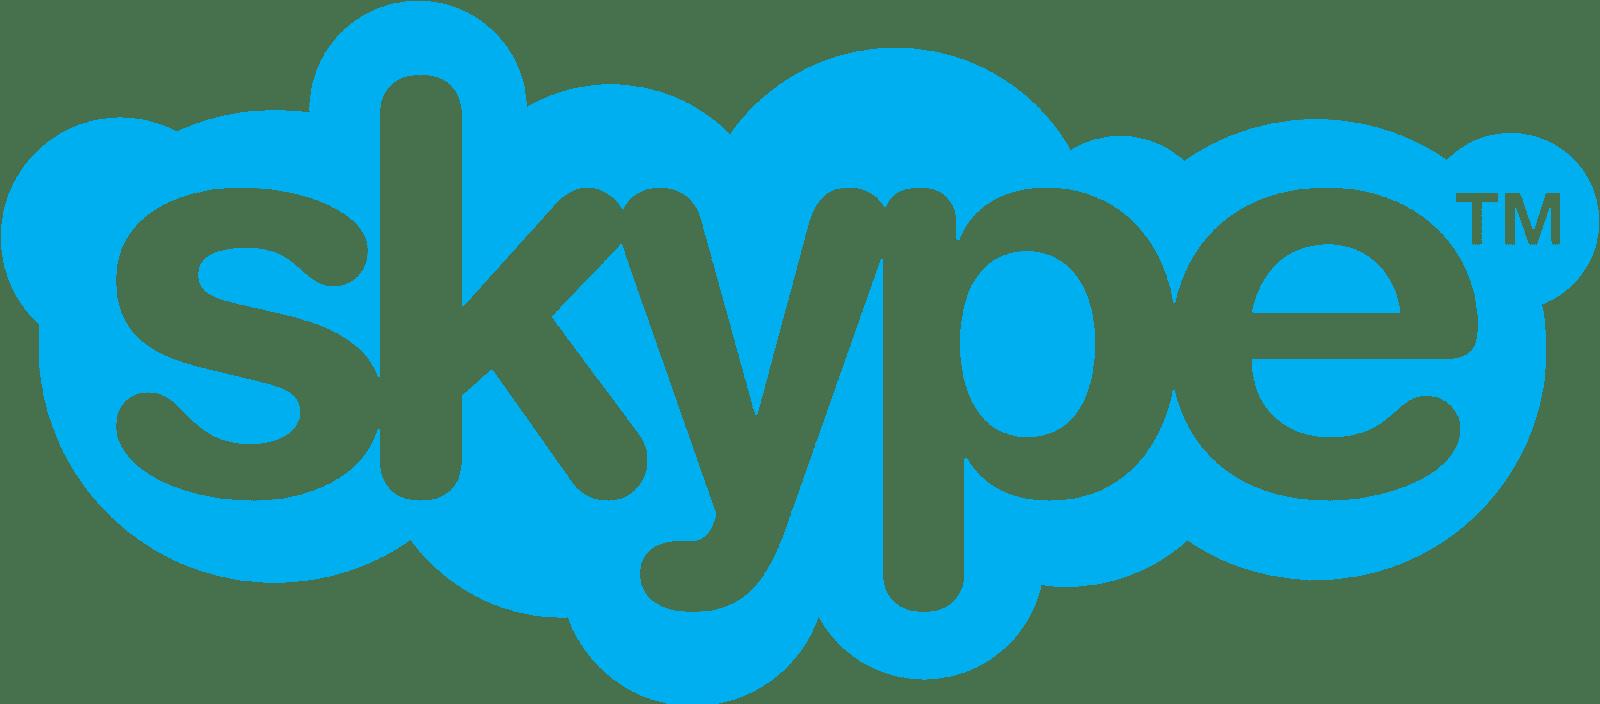 Skype transparent logo